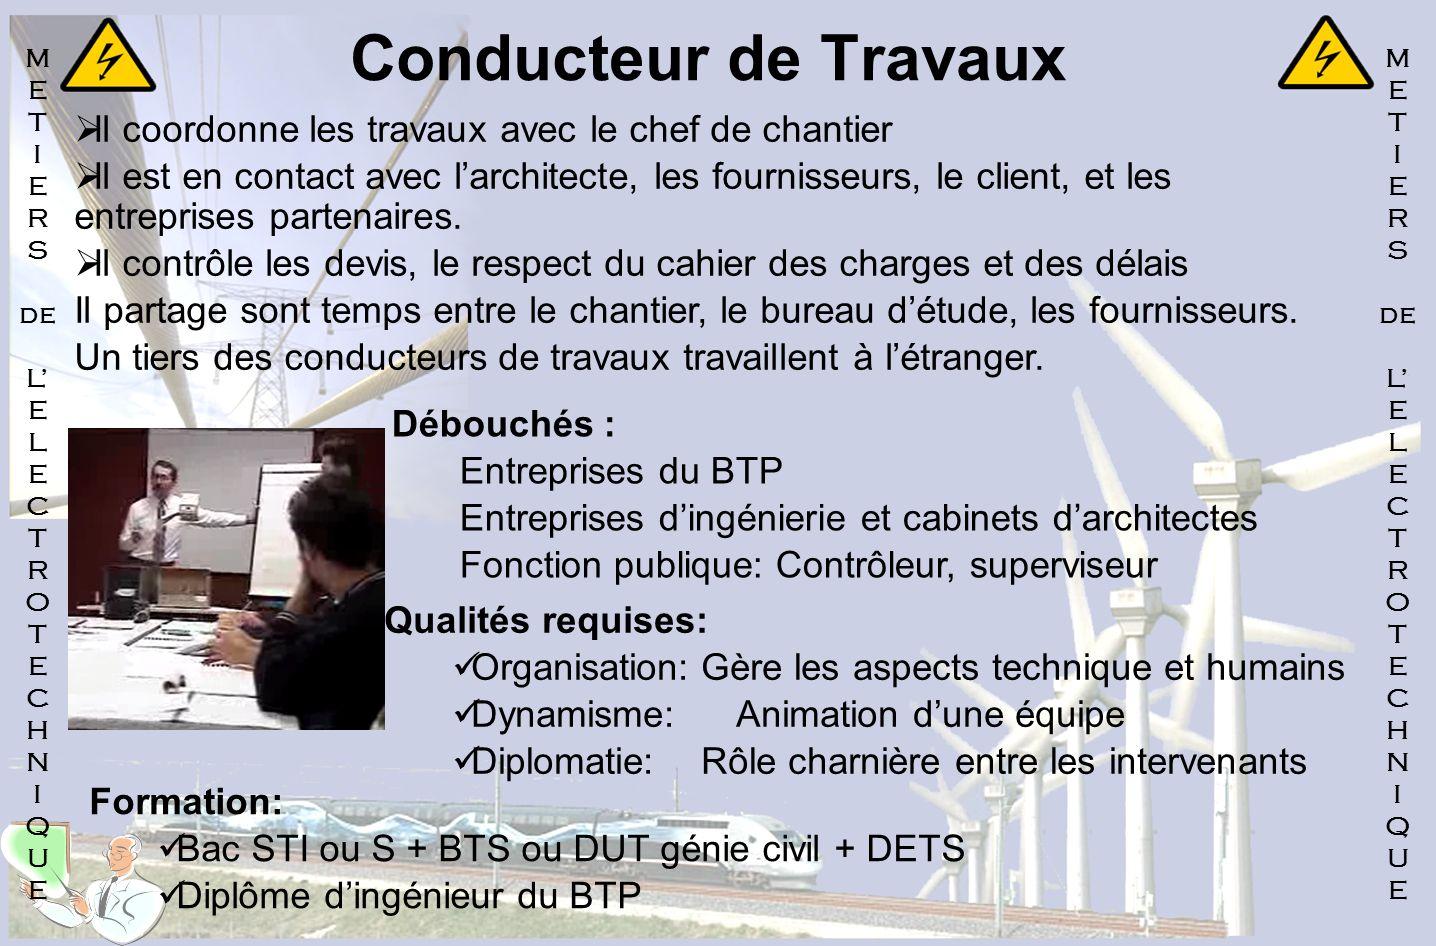 Conducteur de Travaux Il coordonne les travaux avec le chef de chantier Il est en contact avec larchitecte, les fournisseurs, le client, et les entrep